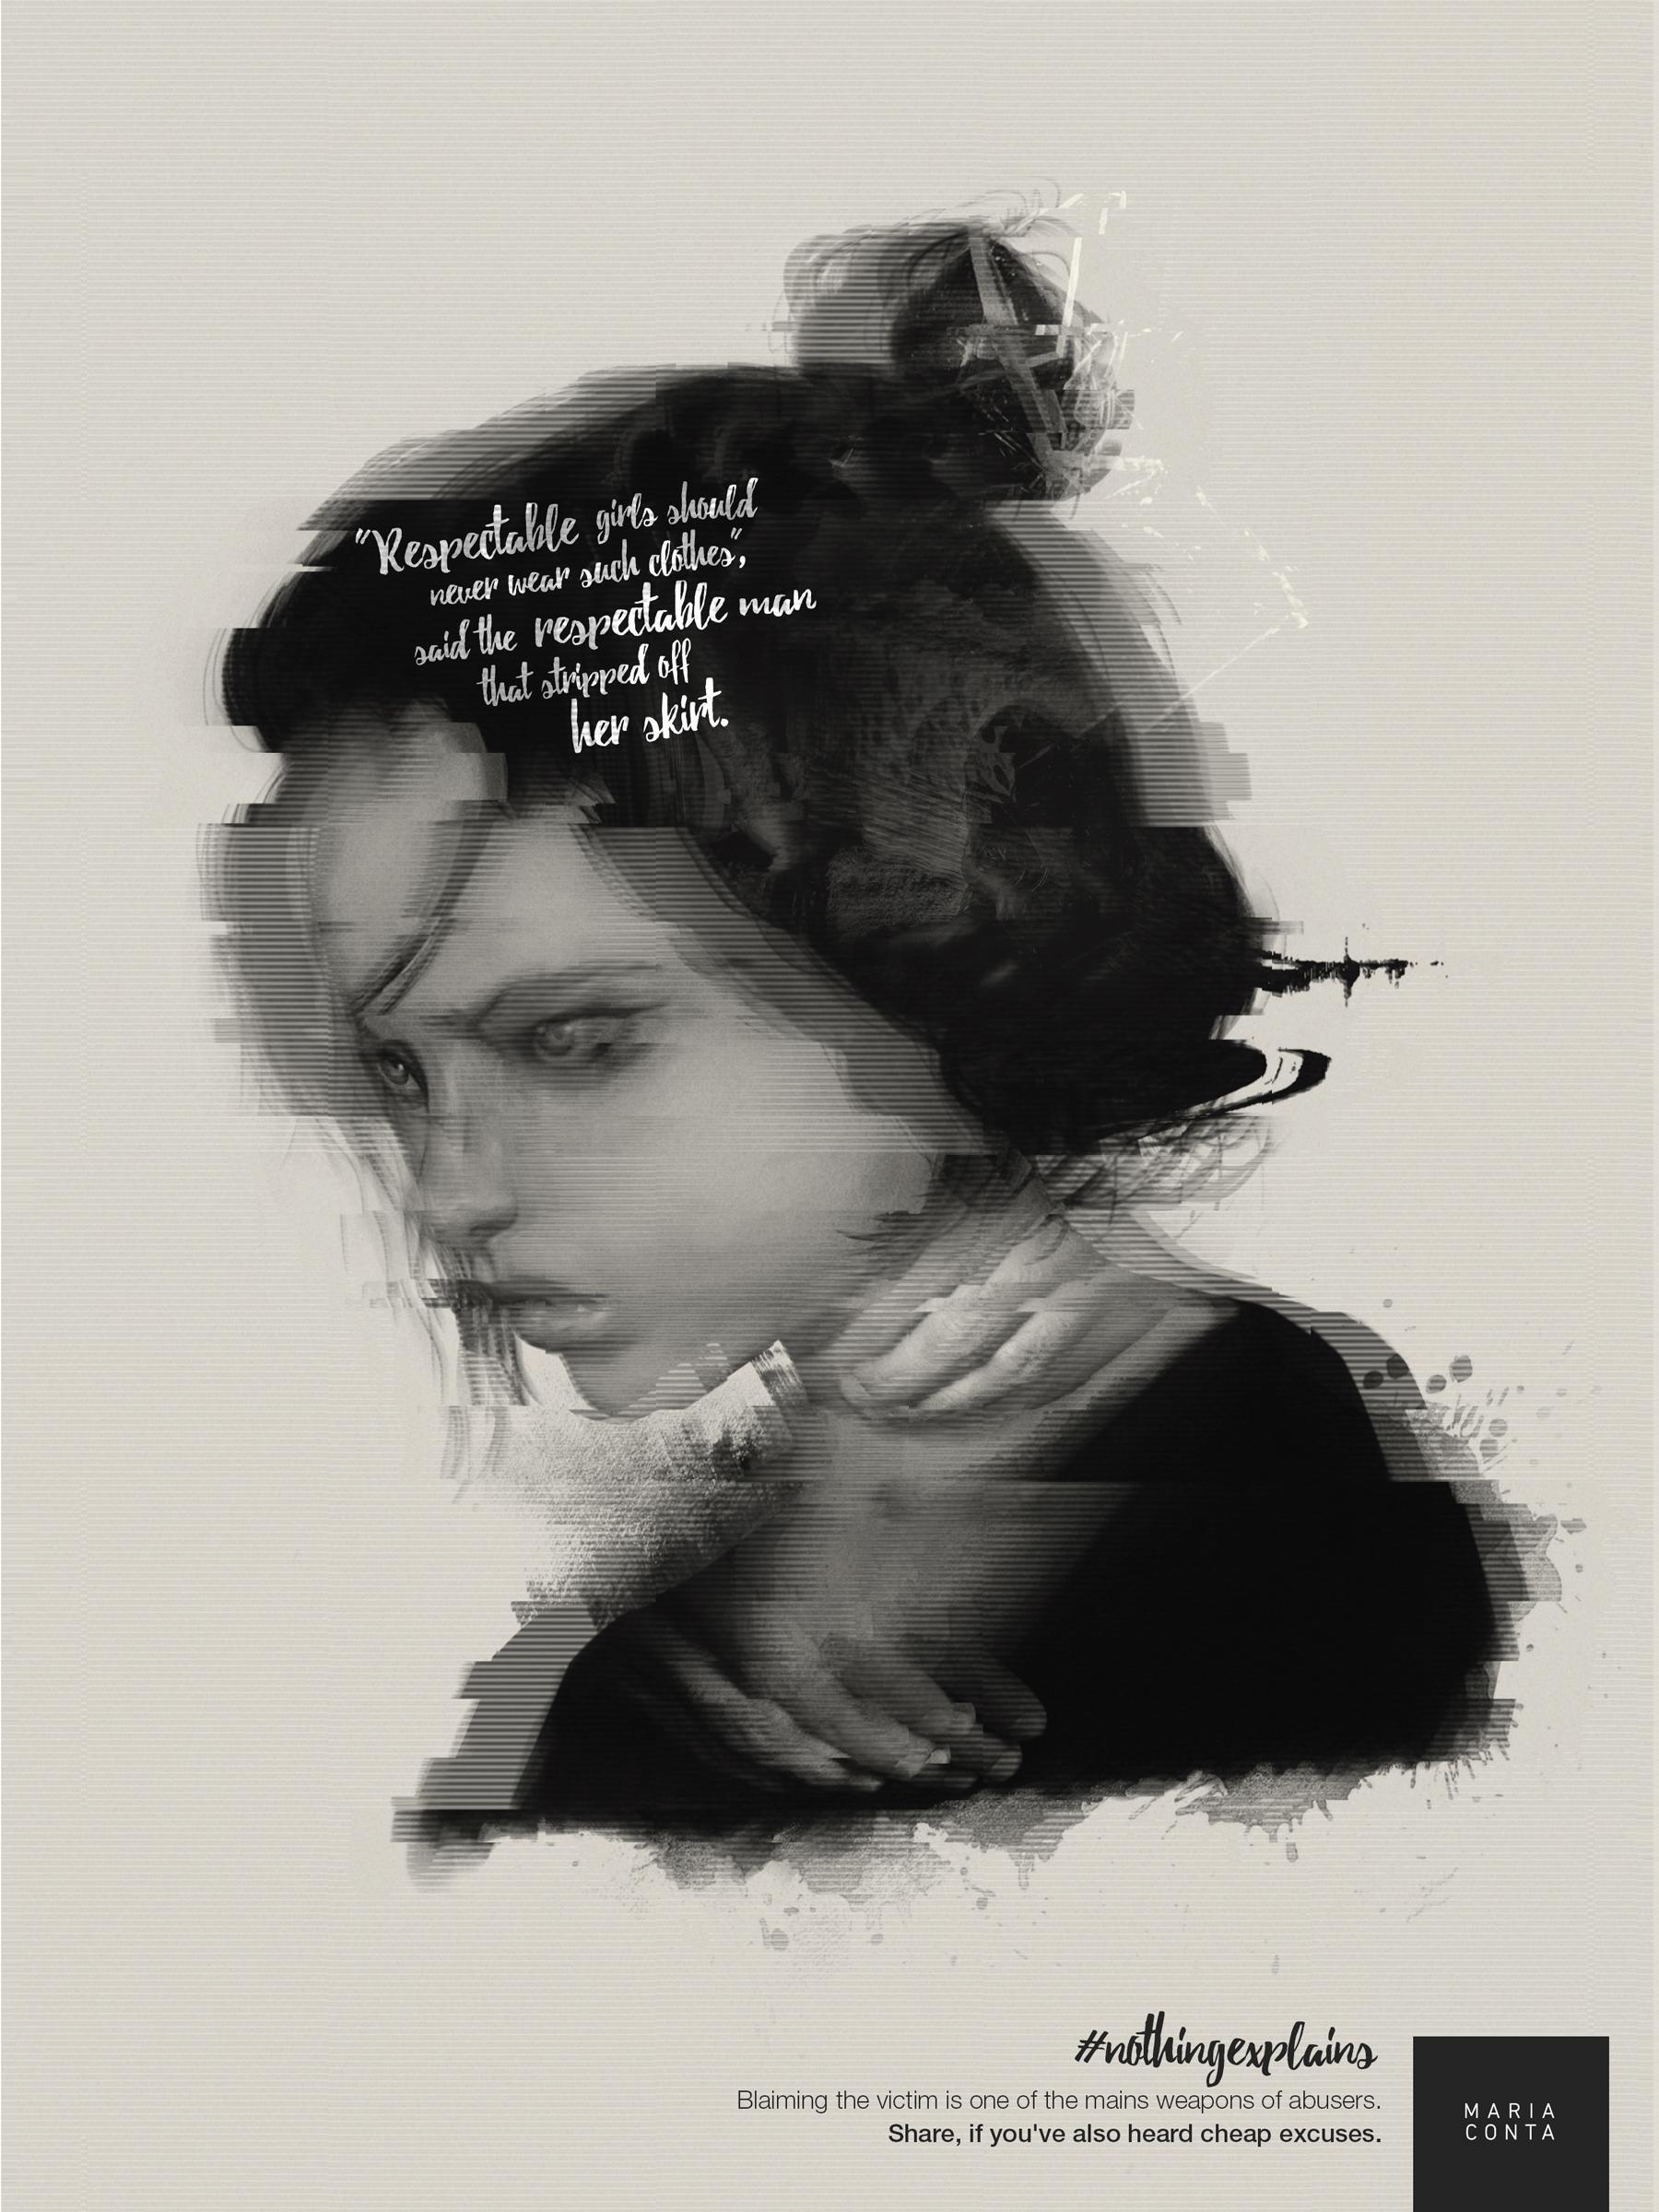 Maria Conta Print Ad - Respectable